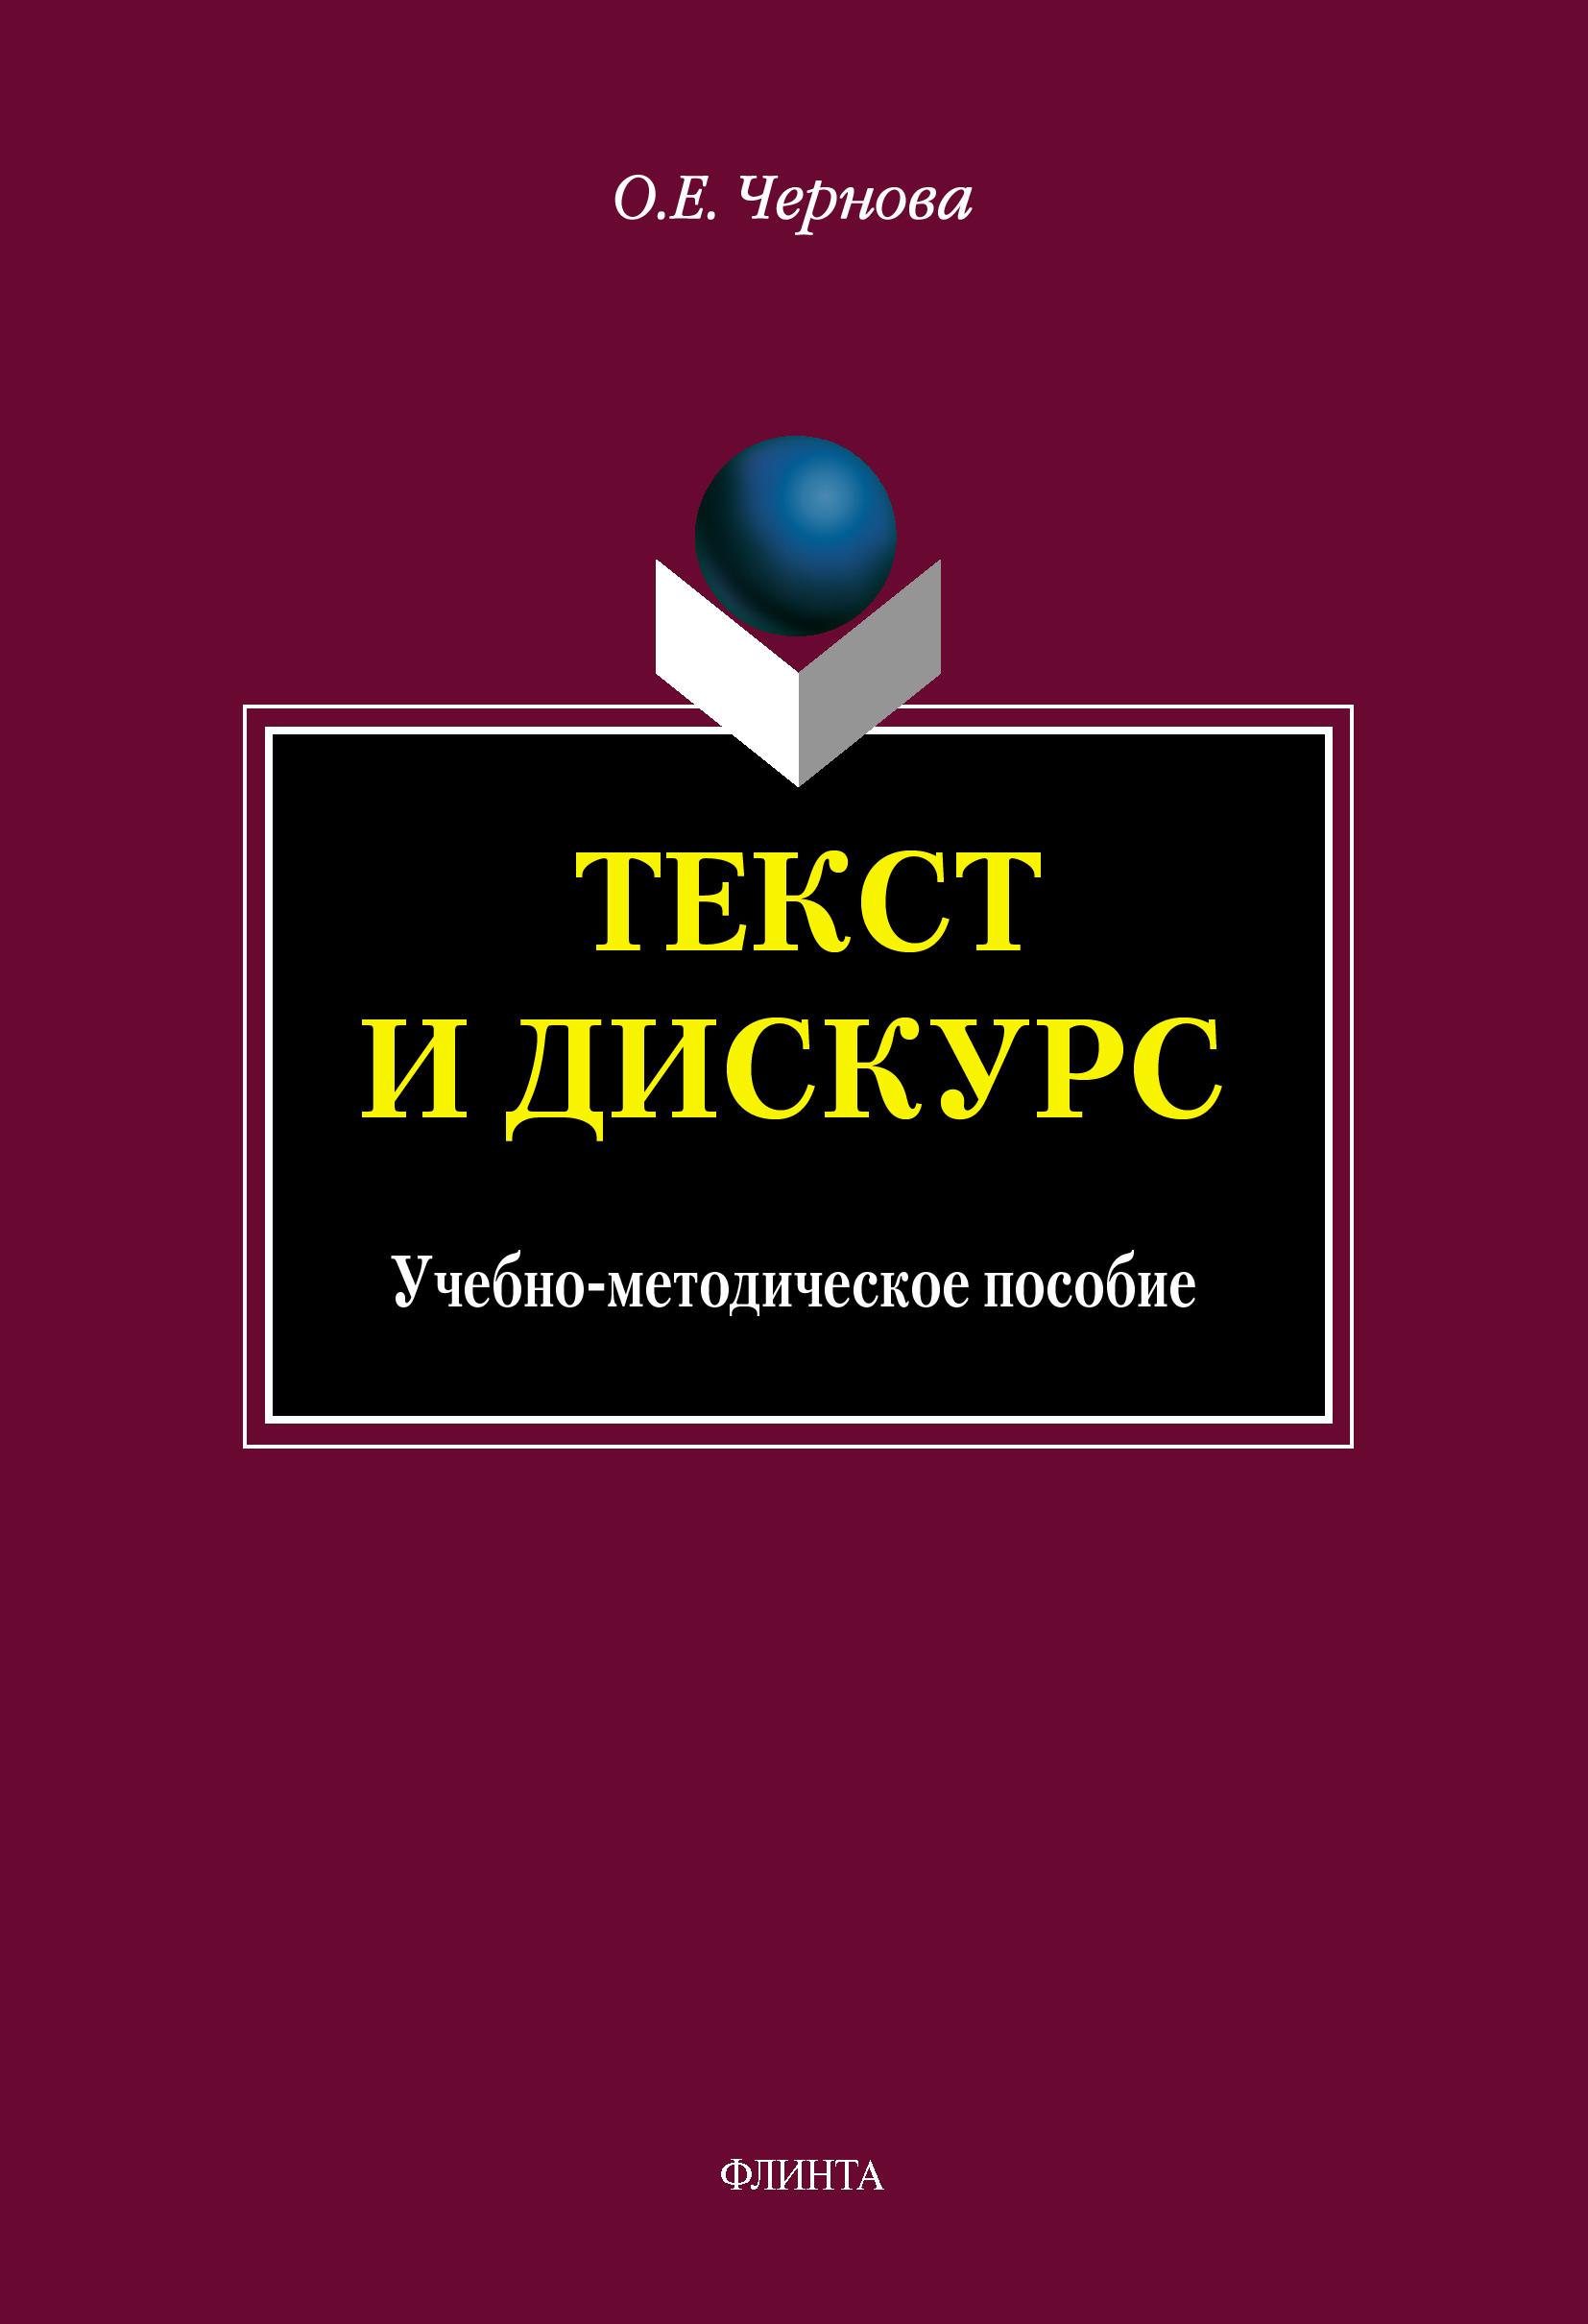 О. Е. Чернова Текст и Дискурс о е чернова текст и дискурс